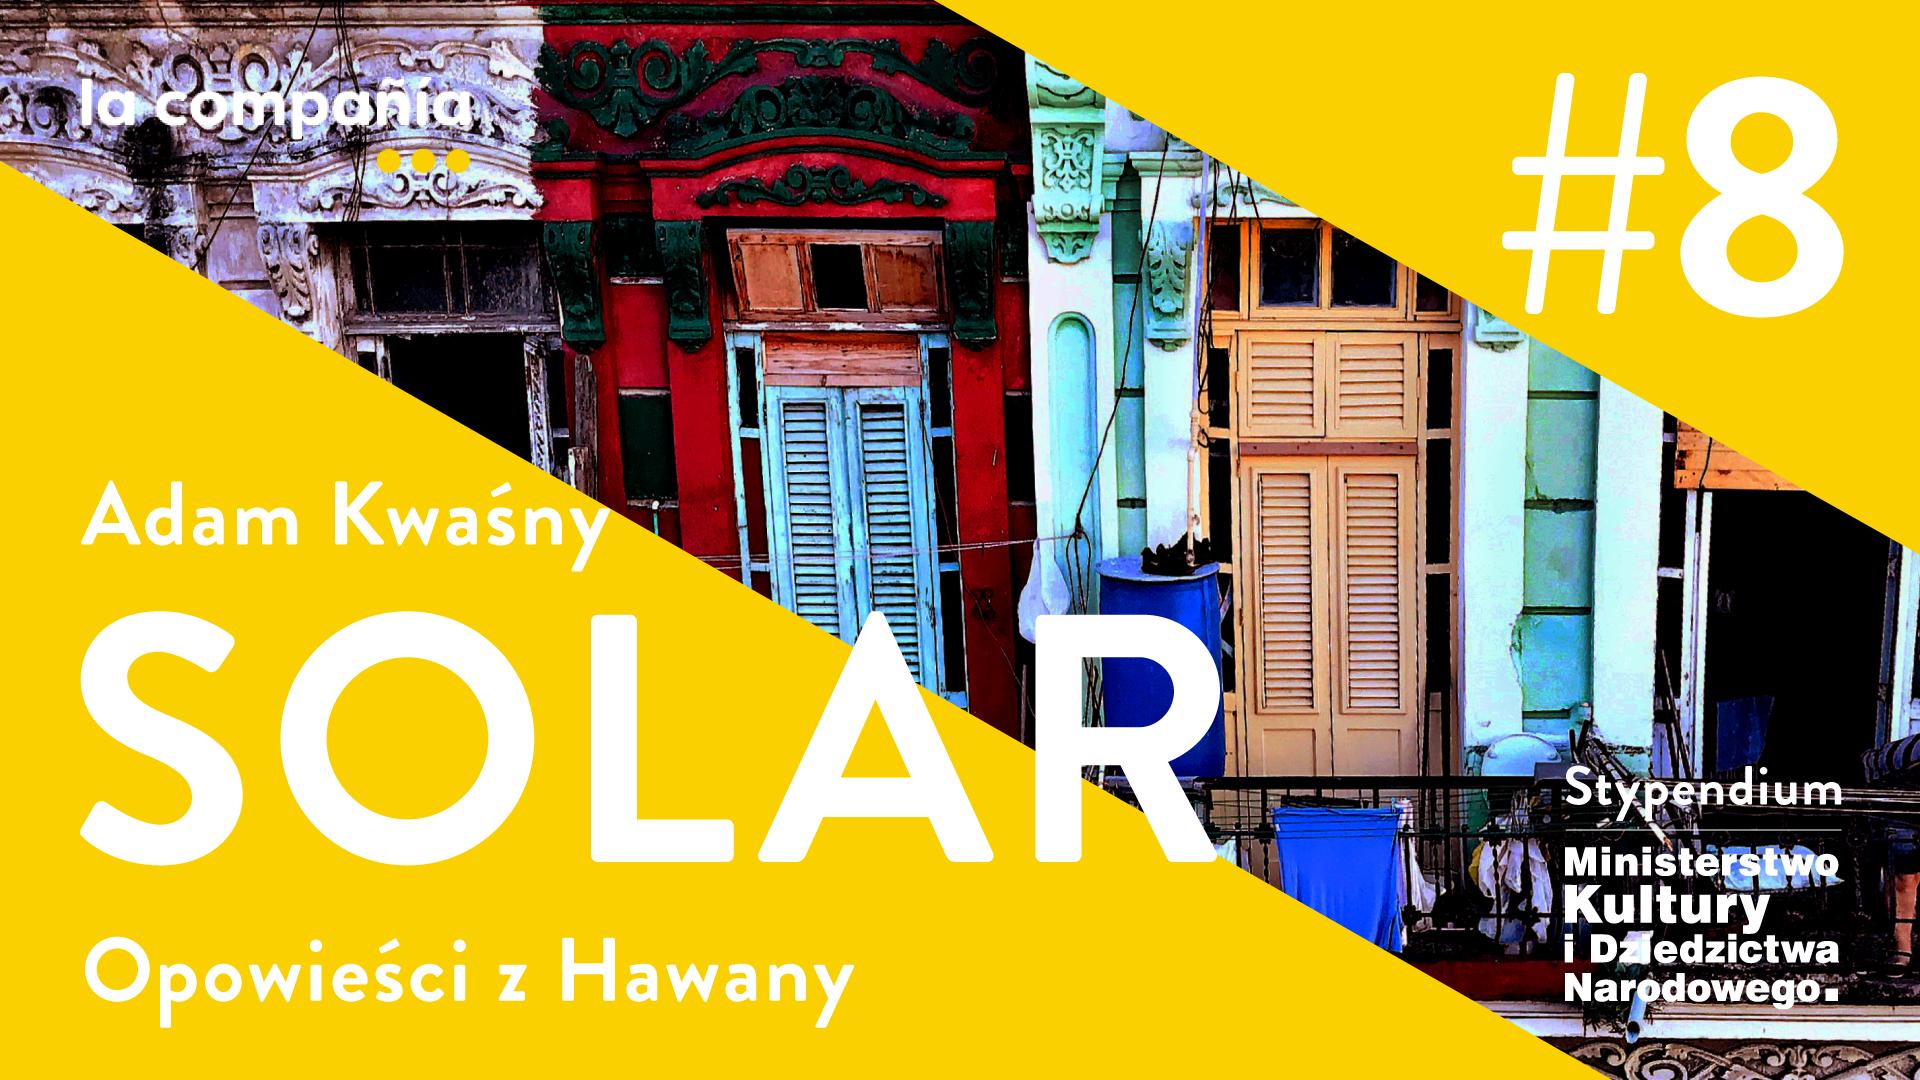 SOLAR Opowieści z Hawany. Rozdział 8